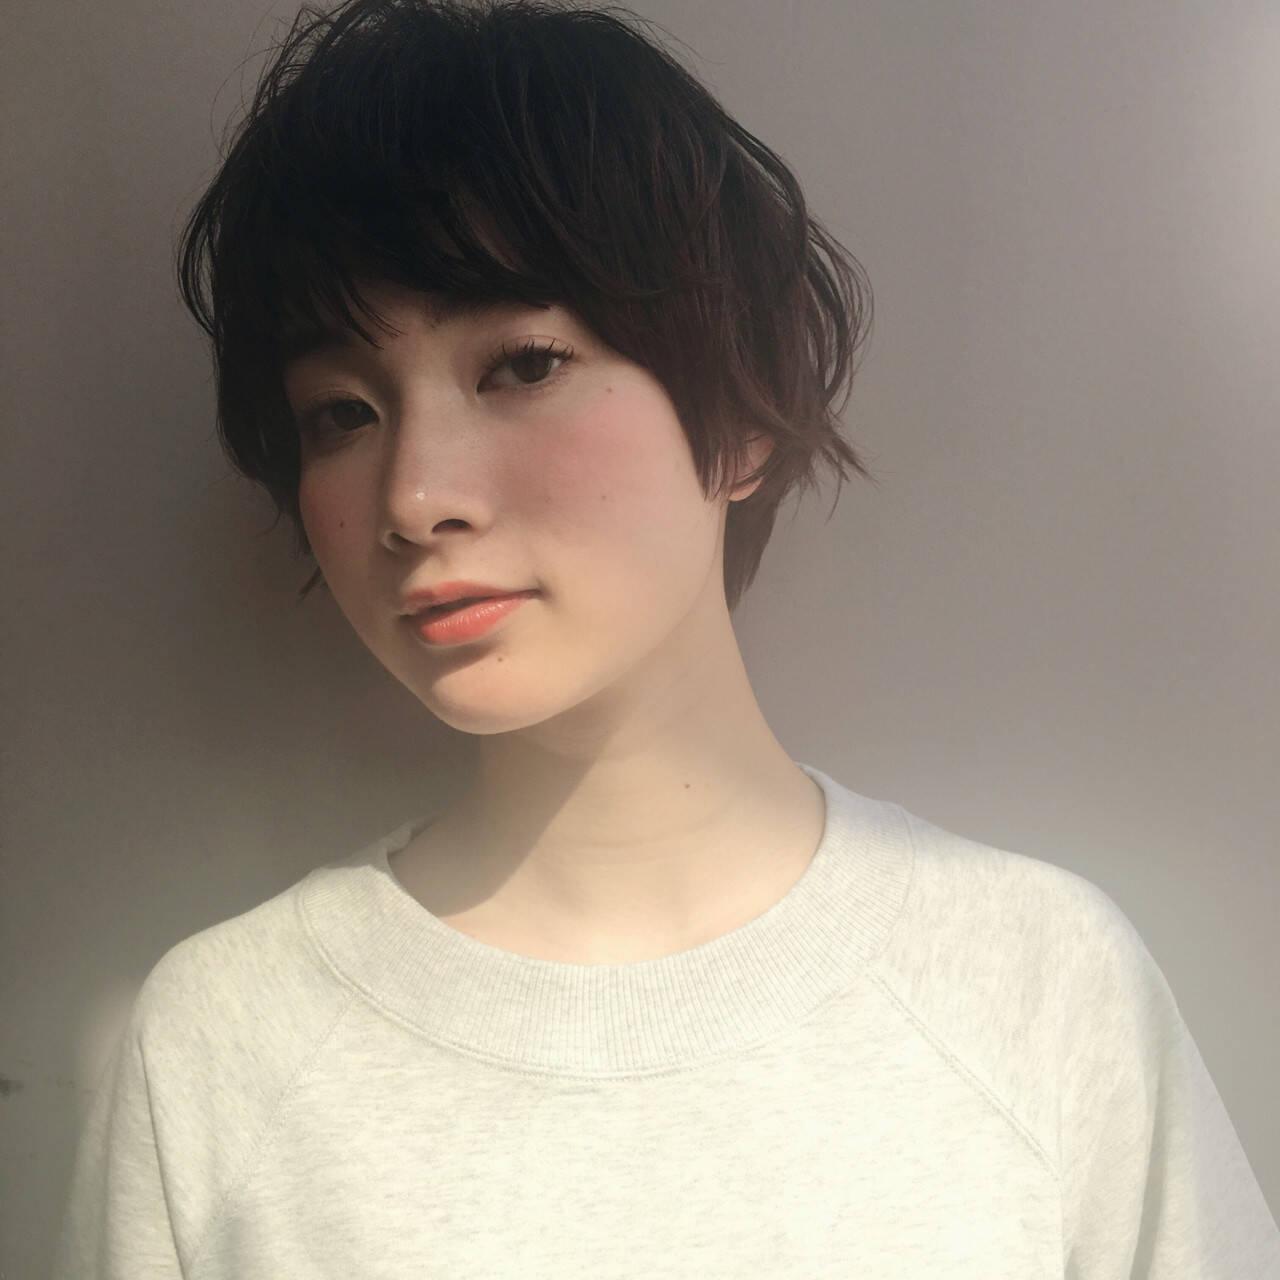 小顔 ミルクティー 大人女子 ニュアンスヘアスタイルや髪型の写真・画像